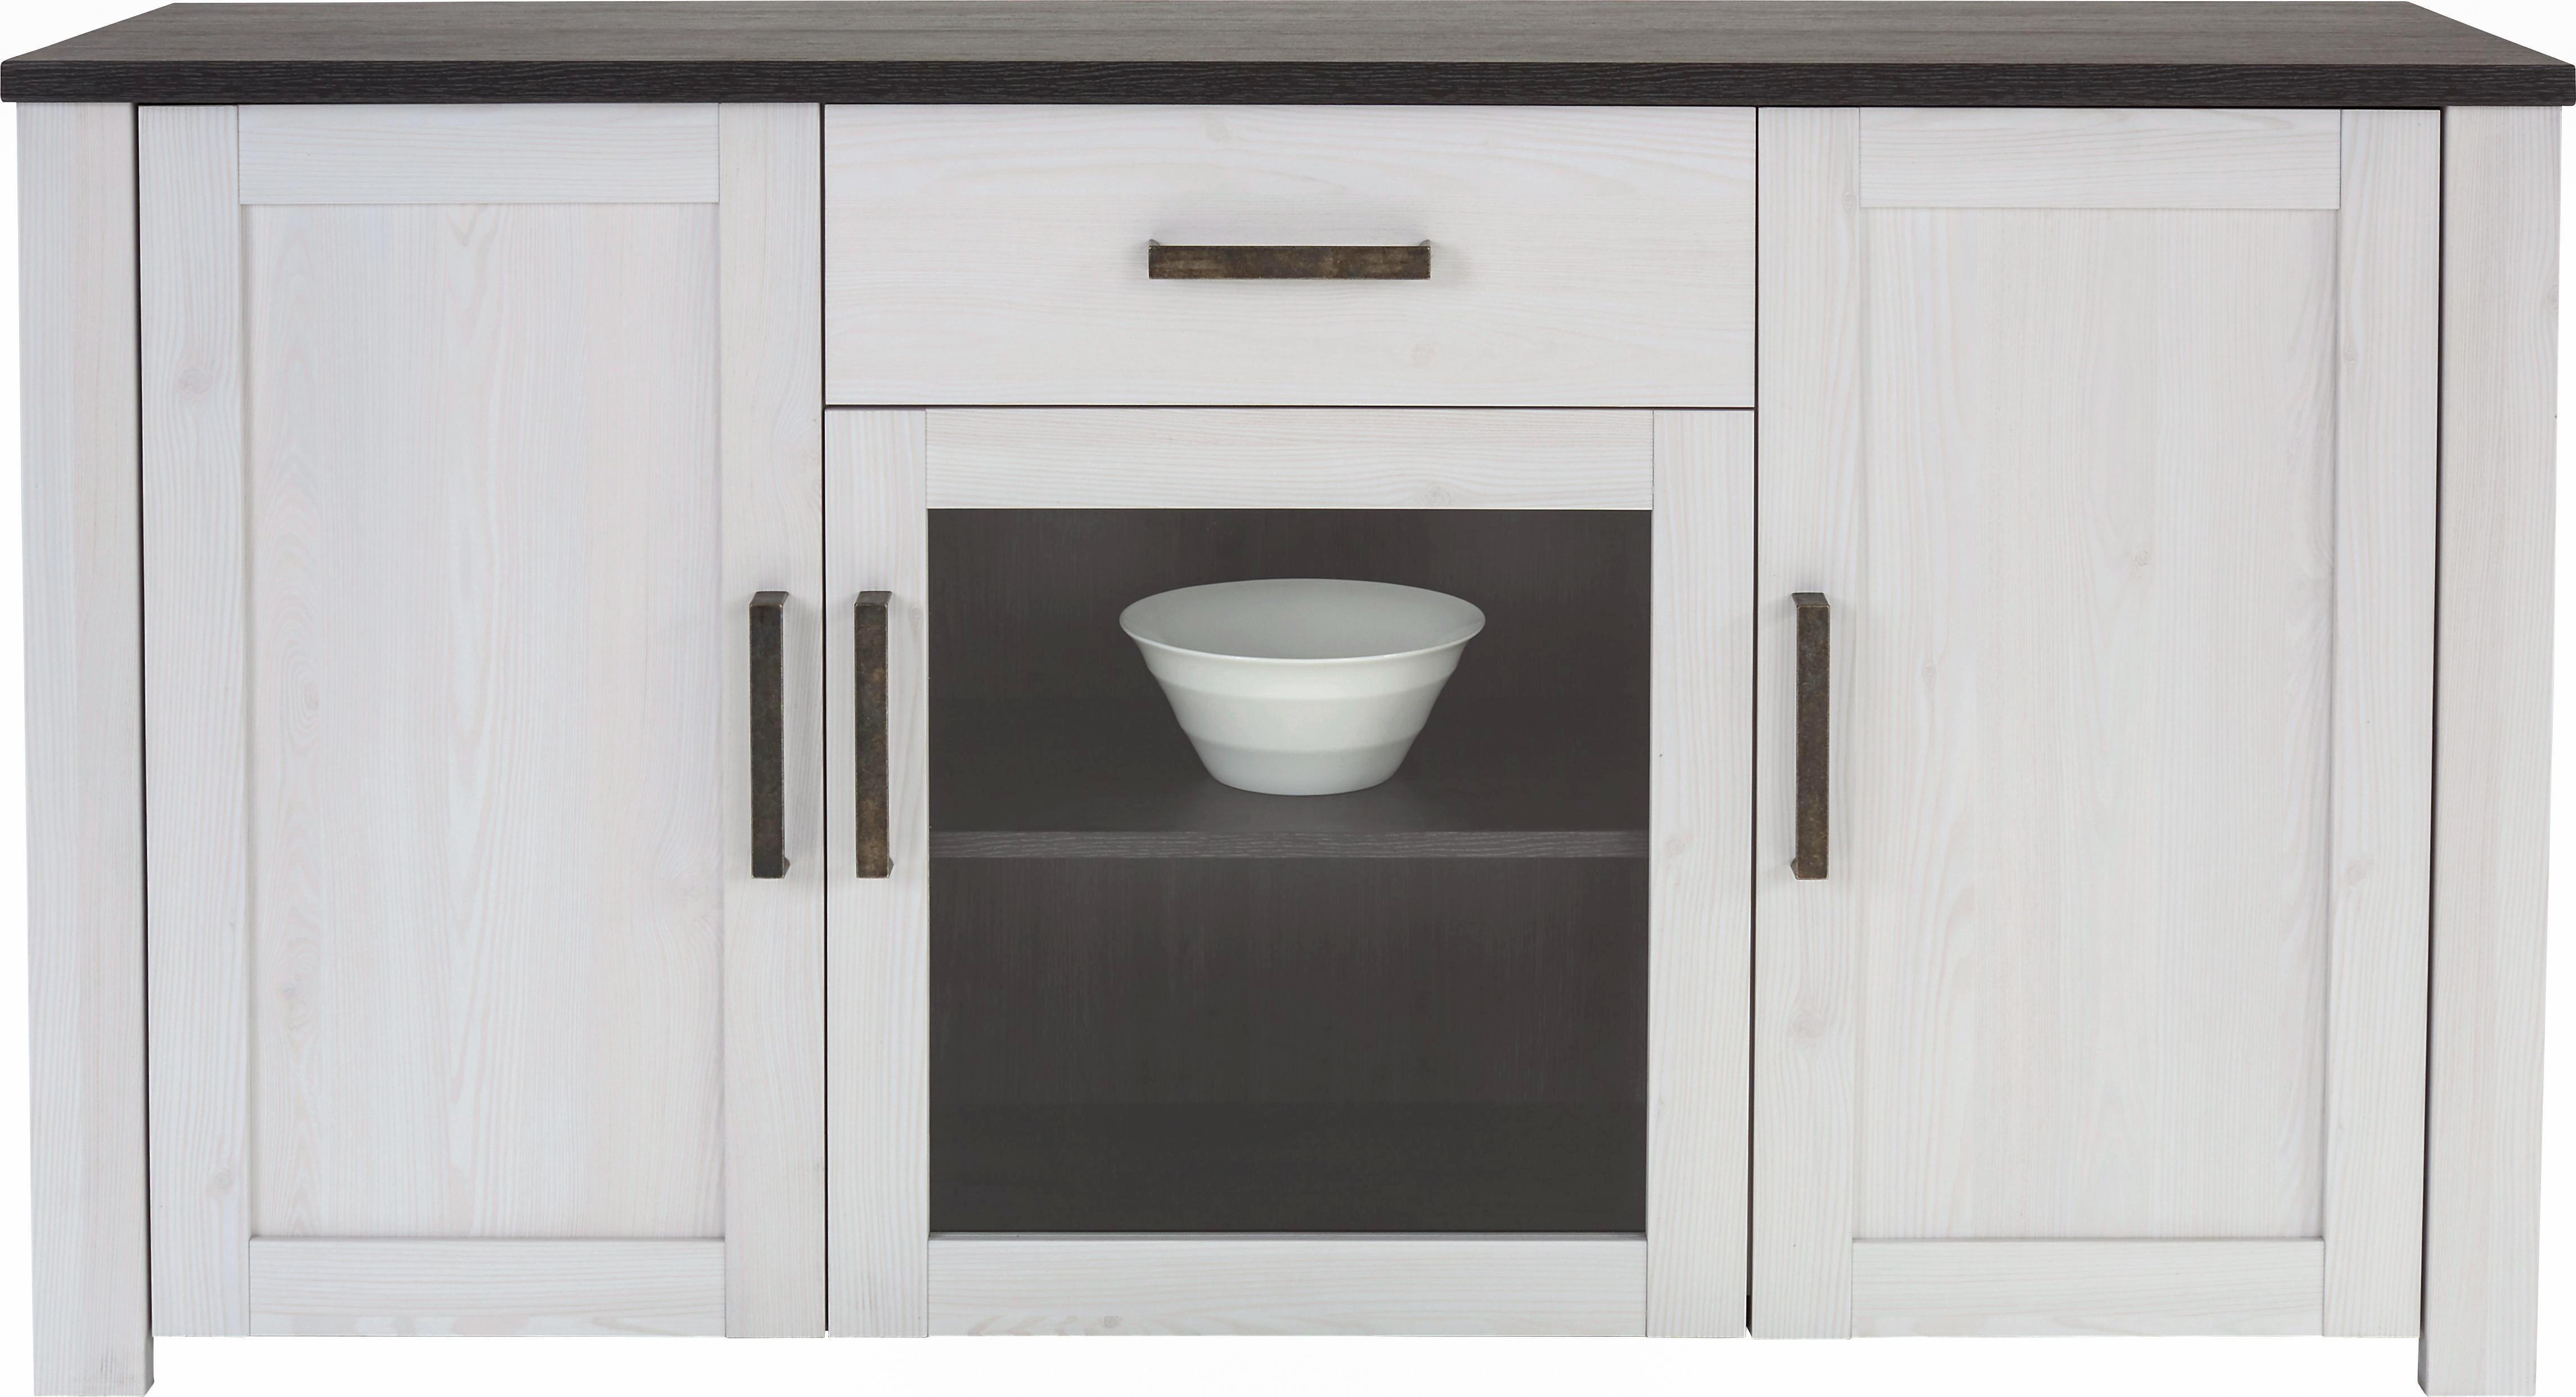 Tálalószekrény Provence - tiszta/fehér, romantikus/Landhaus, faanyagok (153,9/82,3/42cm) - JAMES WOOD